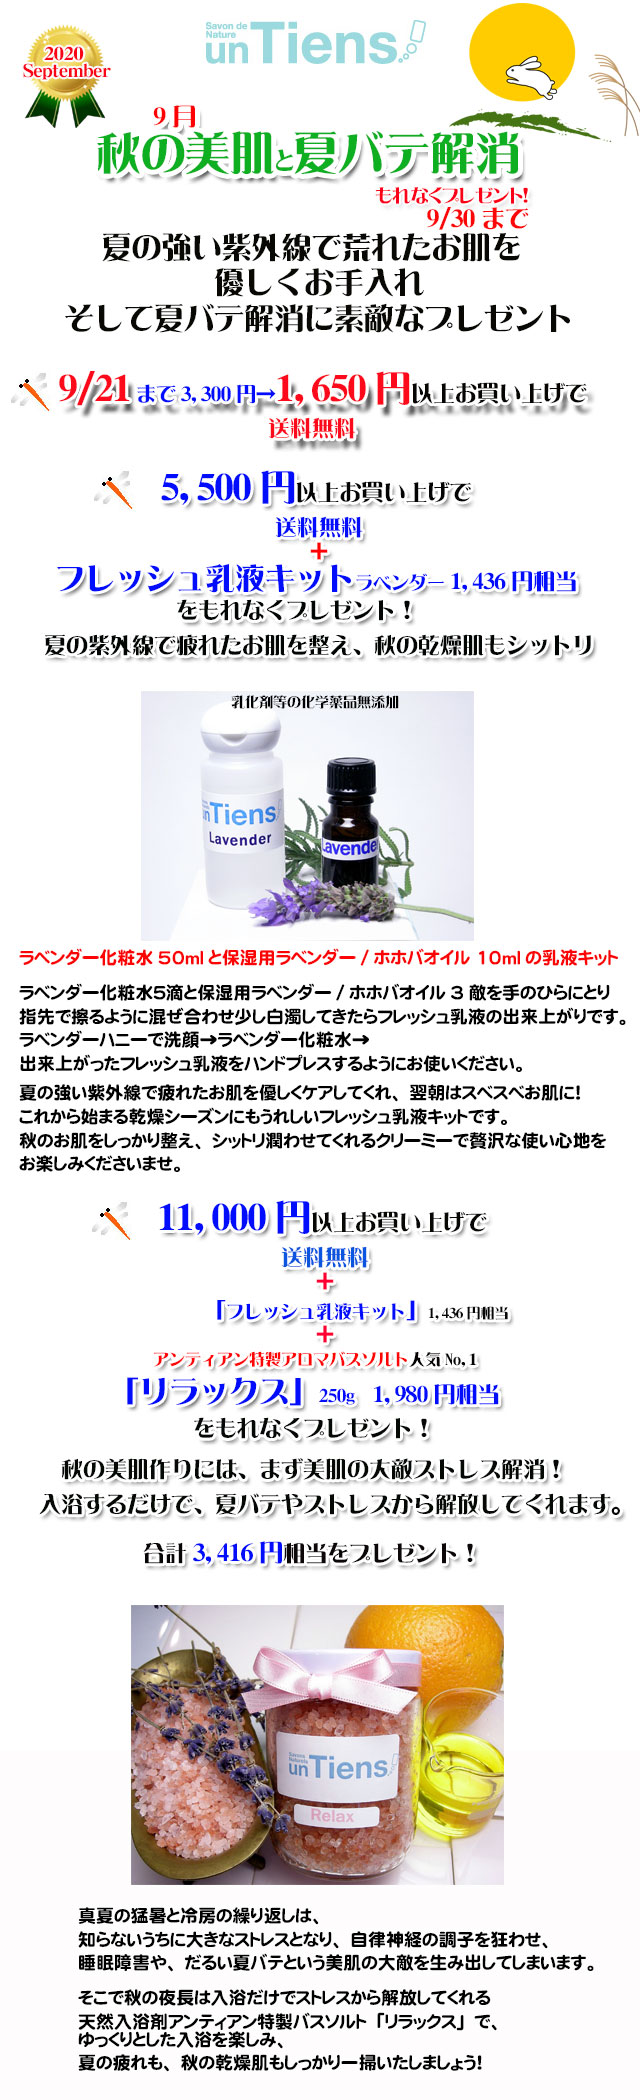 手作り石鹸アンティアン2009今月のキャンペーンcopy